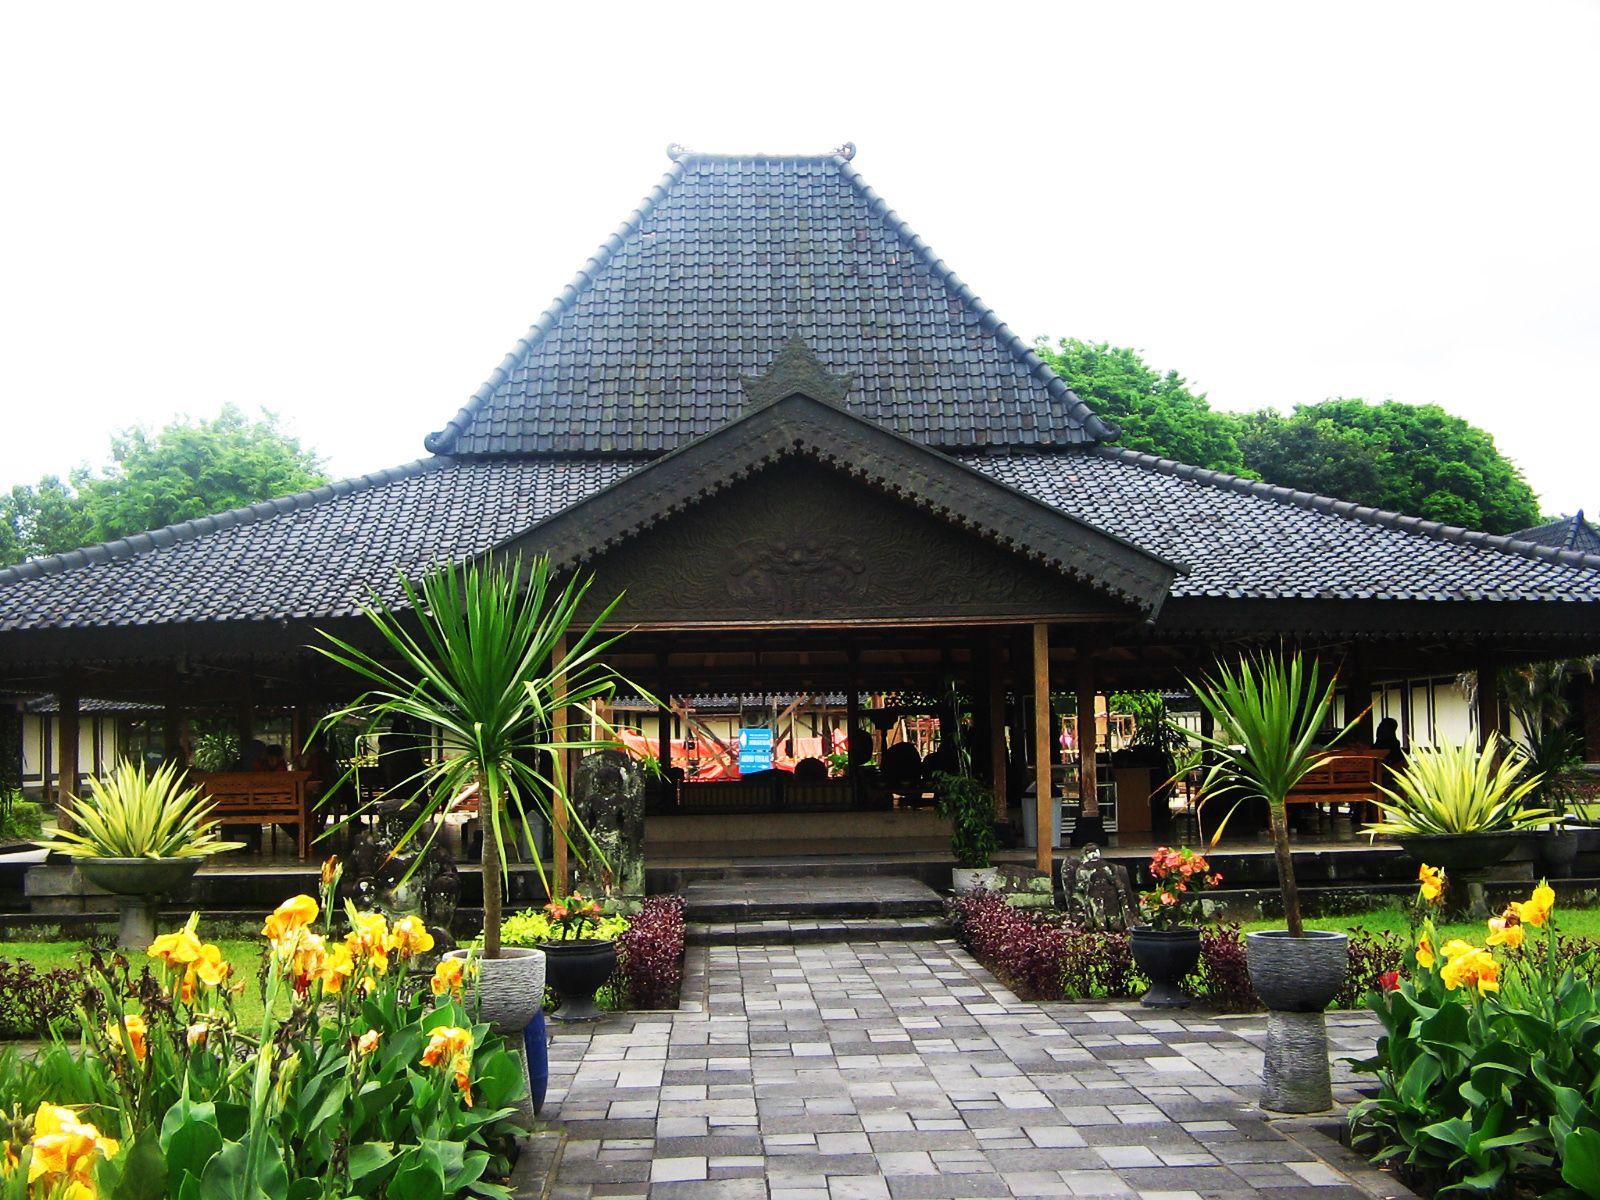 45 Desain Rumah Joglo Khas Jawa Tengah Indonesia Adalah Negara Yang Besar Negara Yang Terdiri Dari Ratusan Ribu Pulau Yang T Desain Rumah Desain Atap Desain